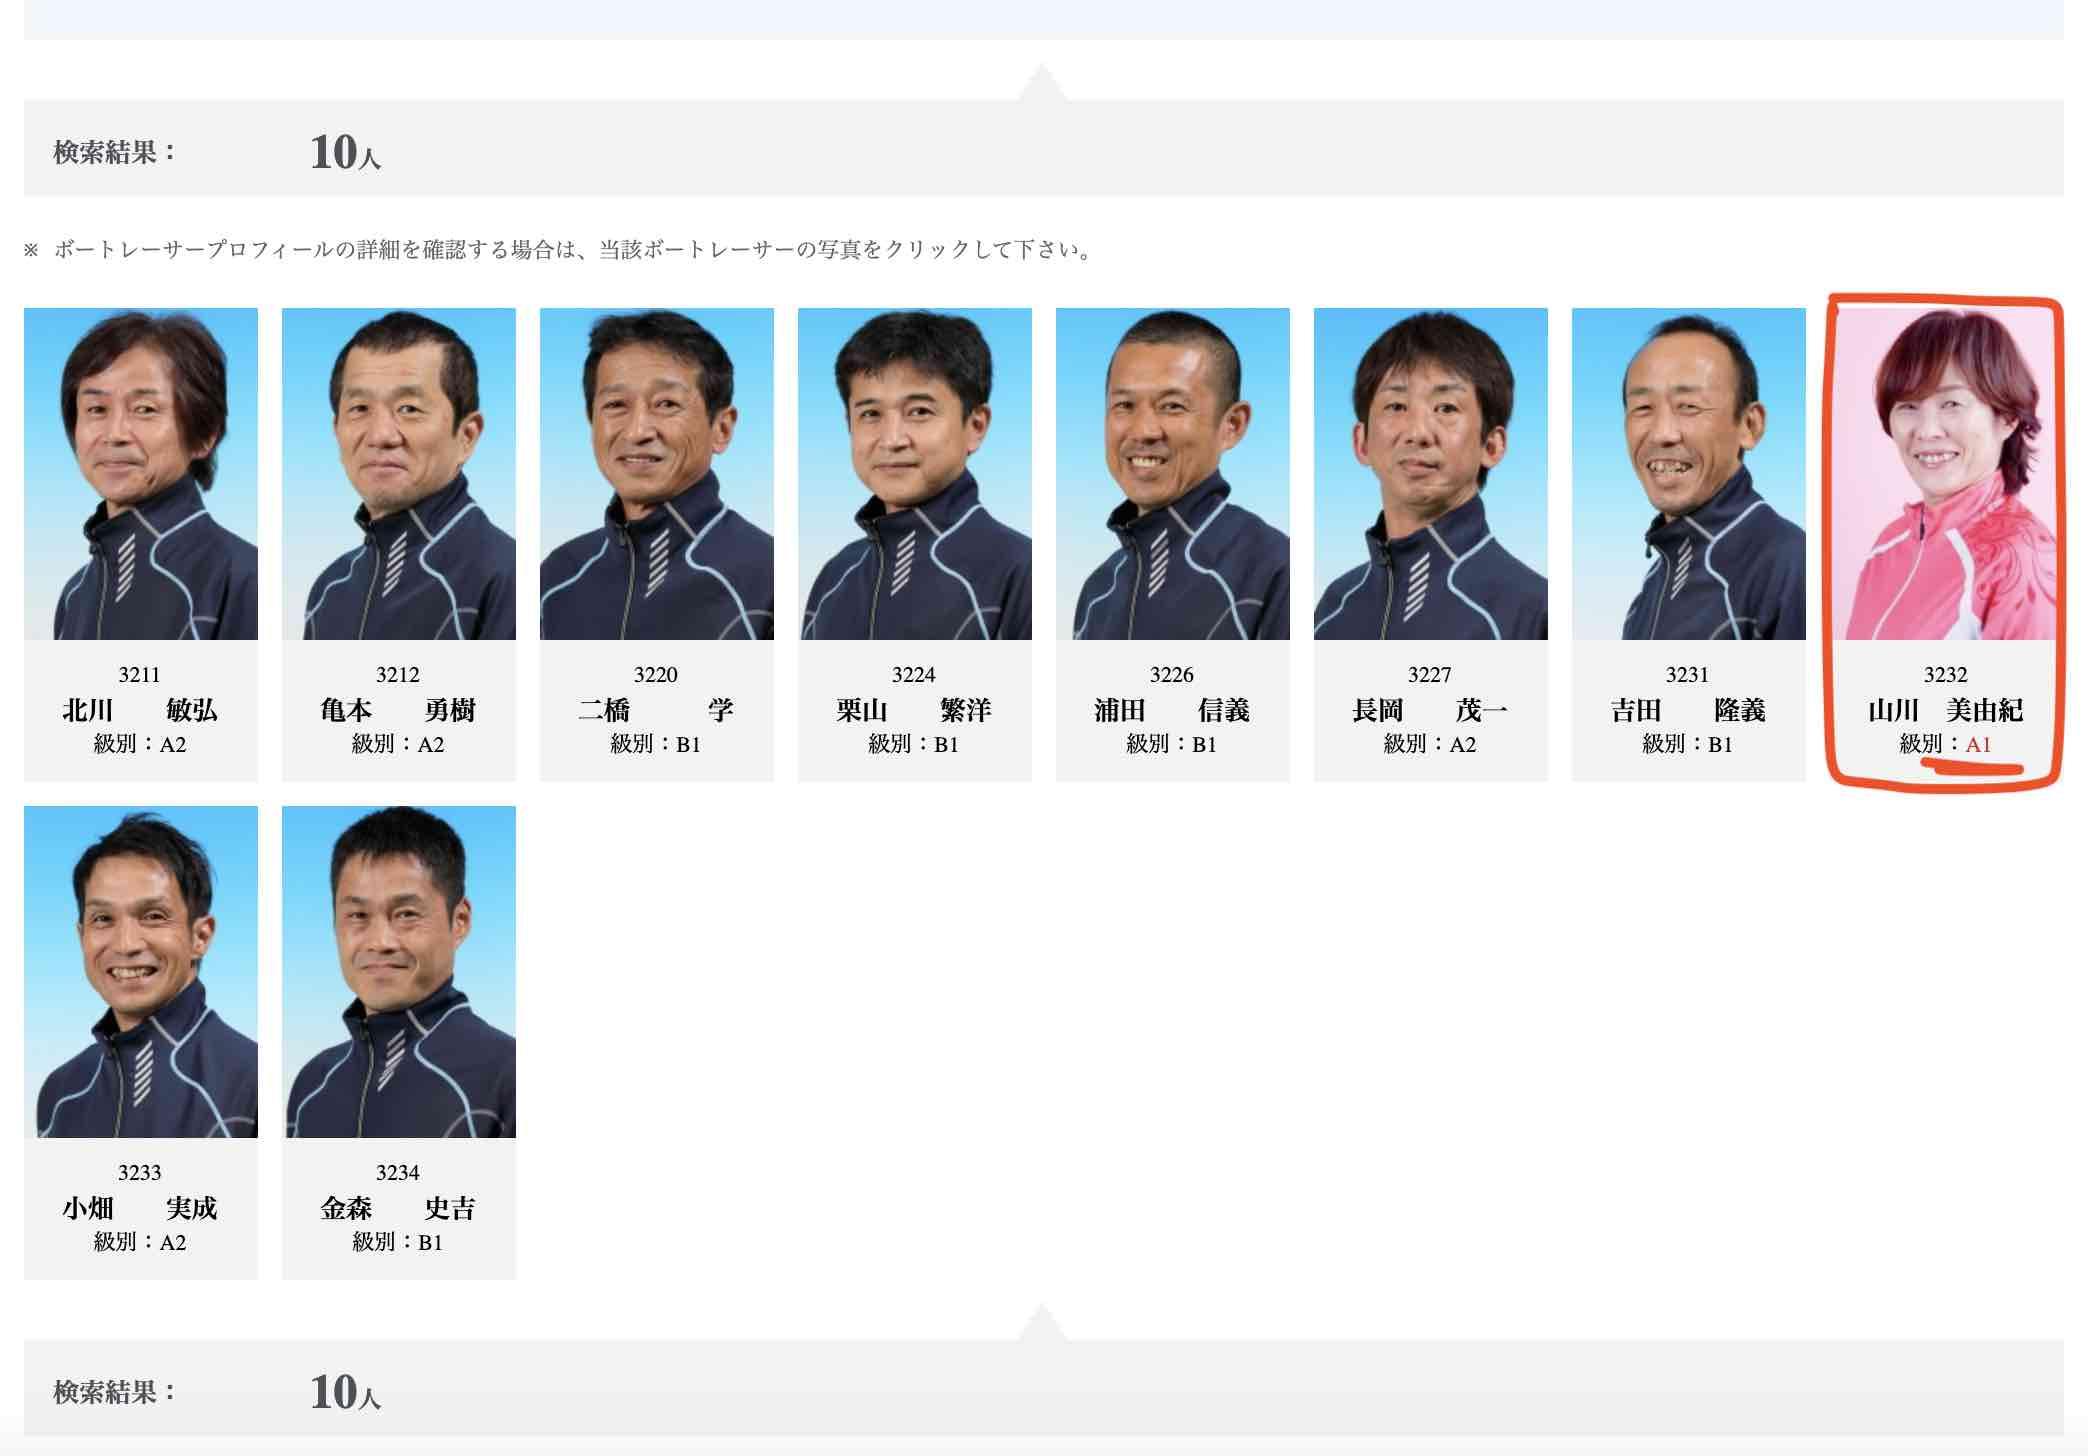 山川美由紀選手の57期の同期メンバー